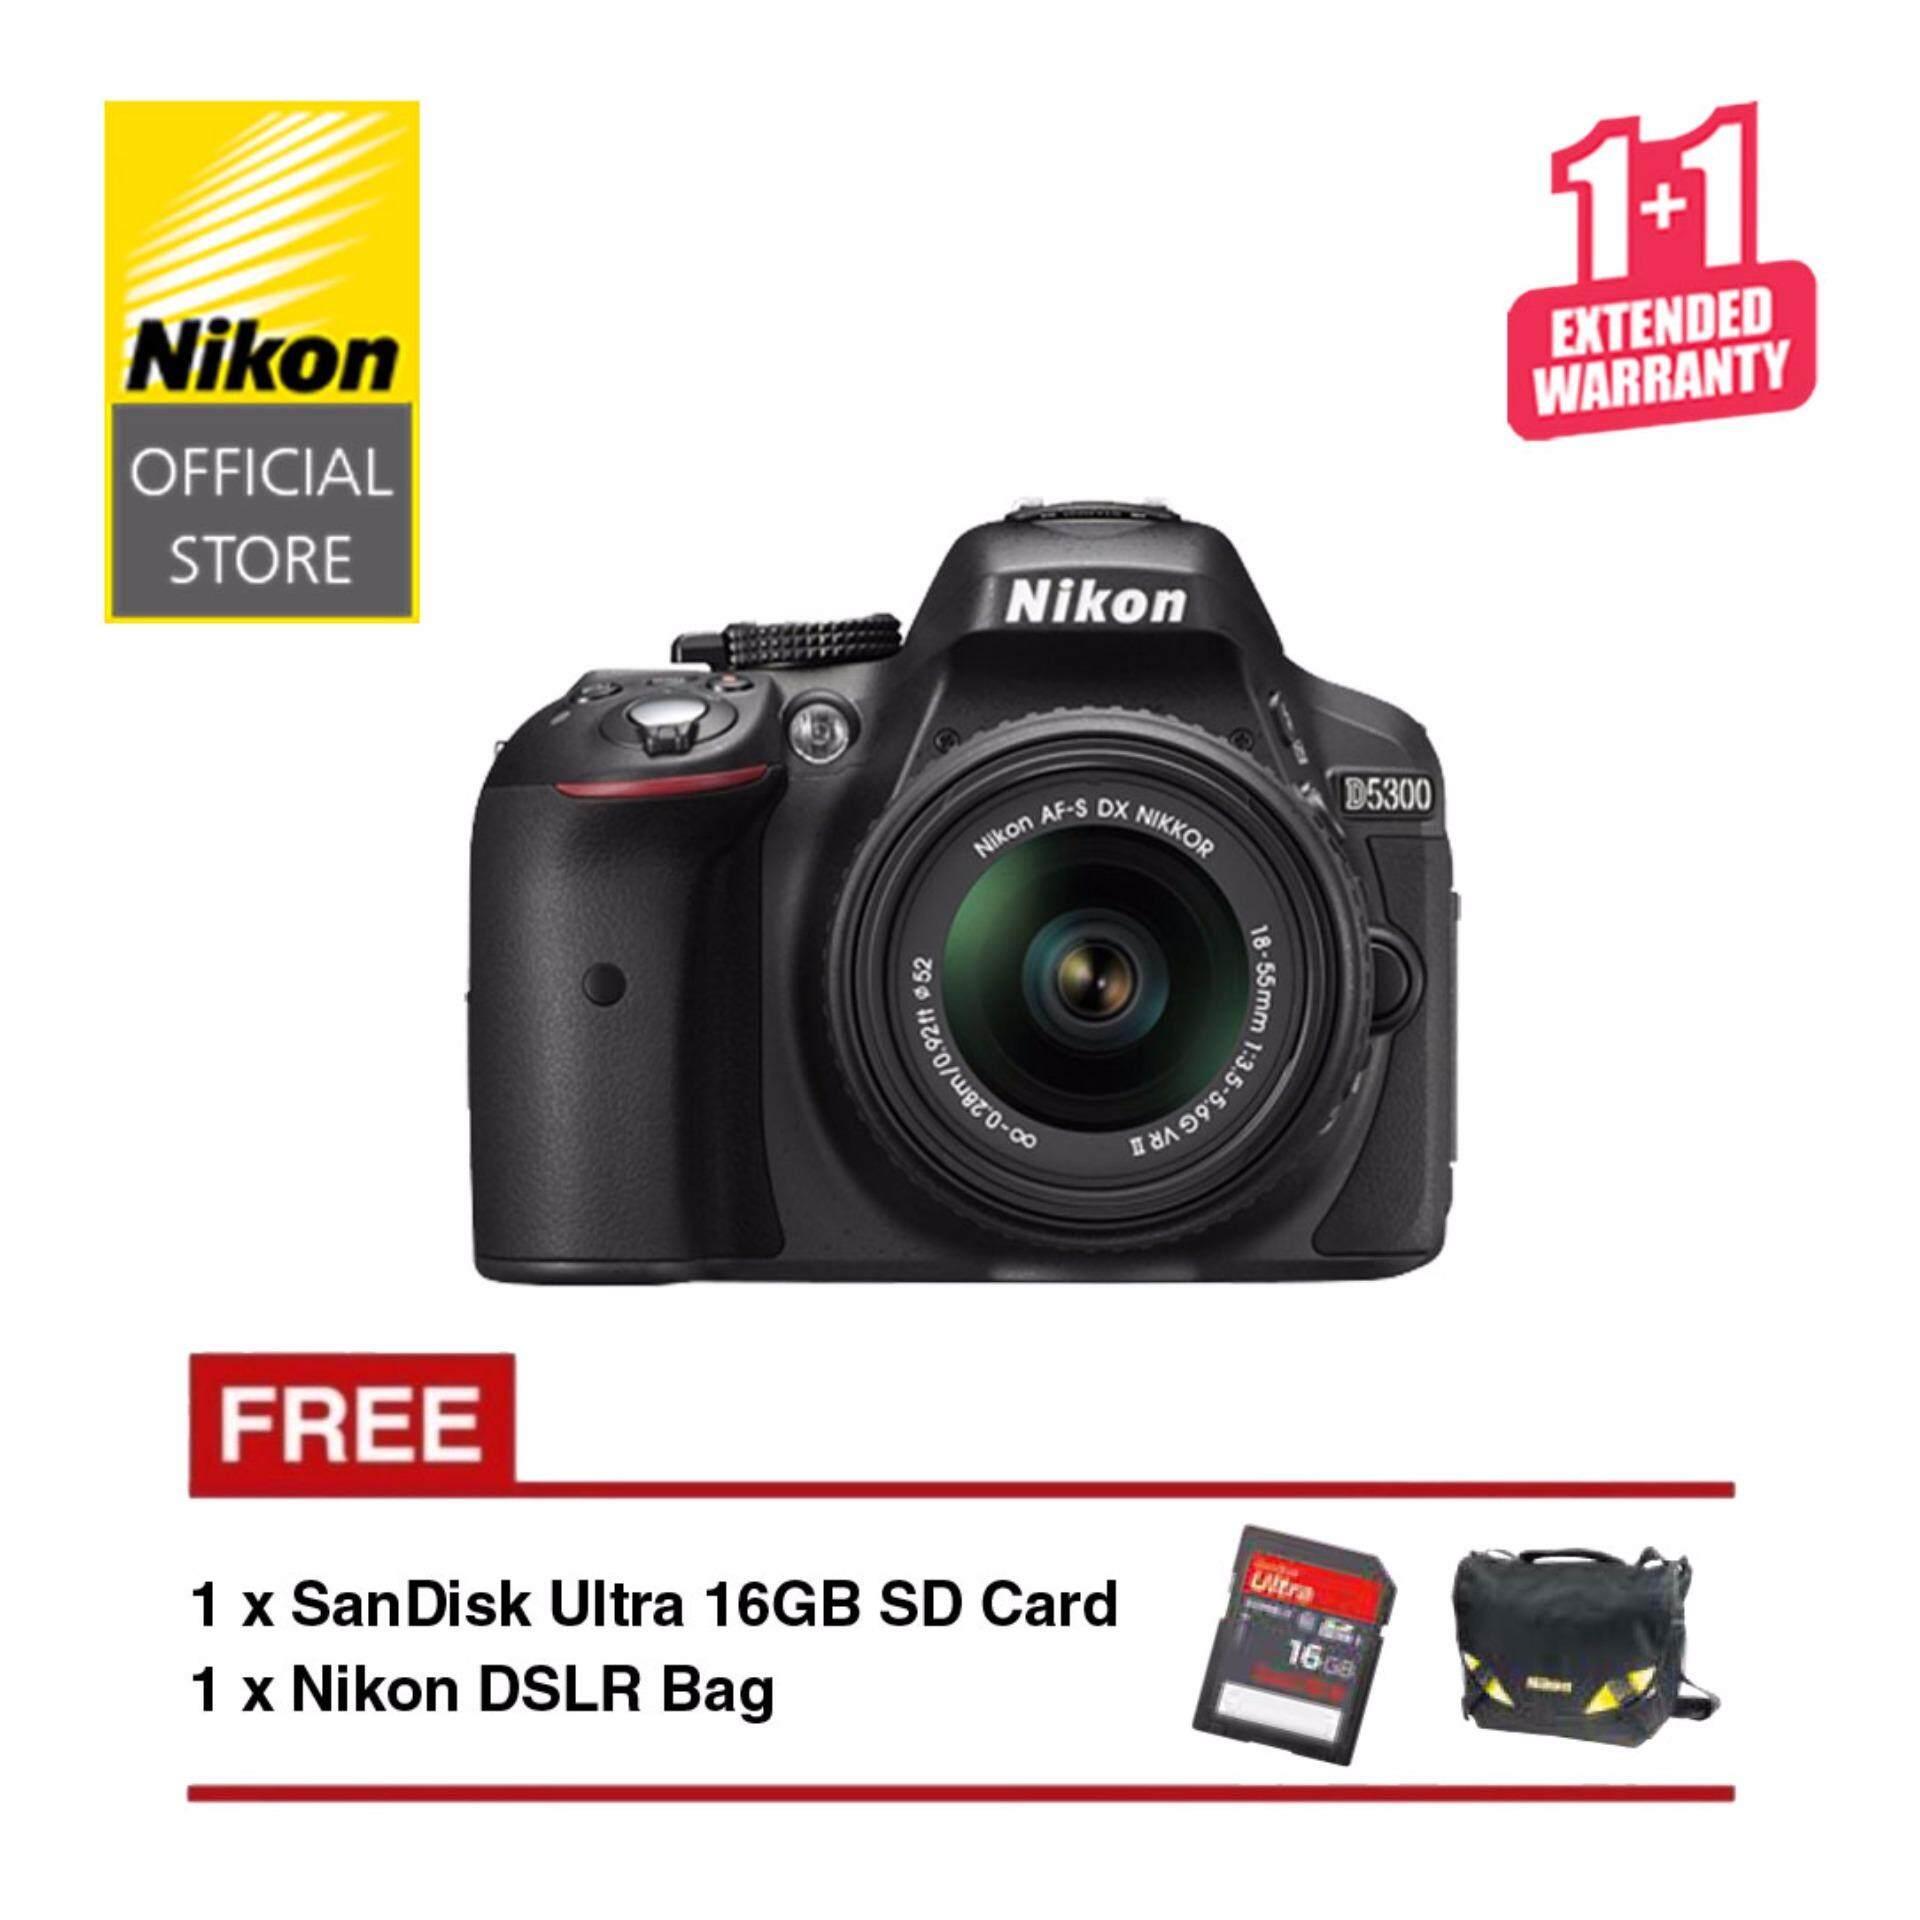 Carian Harga Termurah Nikon D5300 Dslr With Af P Dx 18 55mm F35 56 Kit Vr